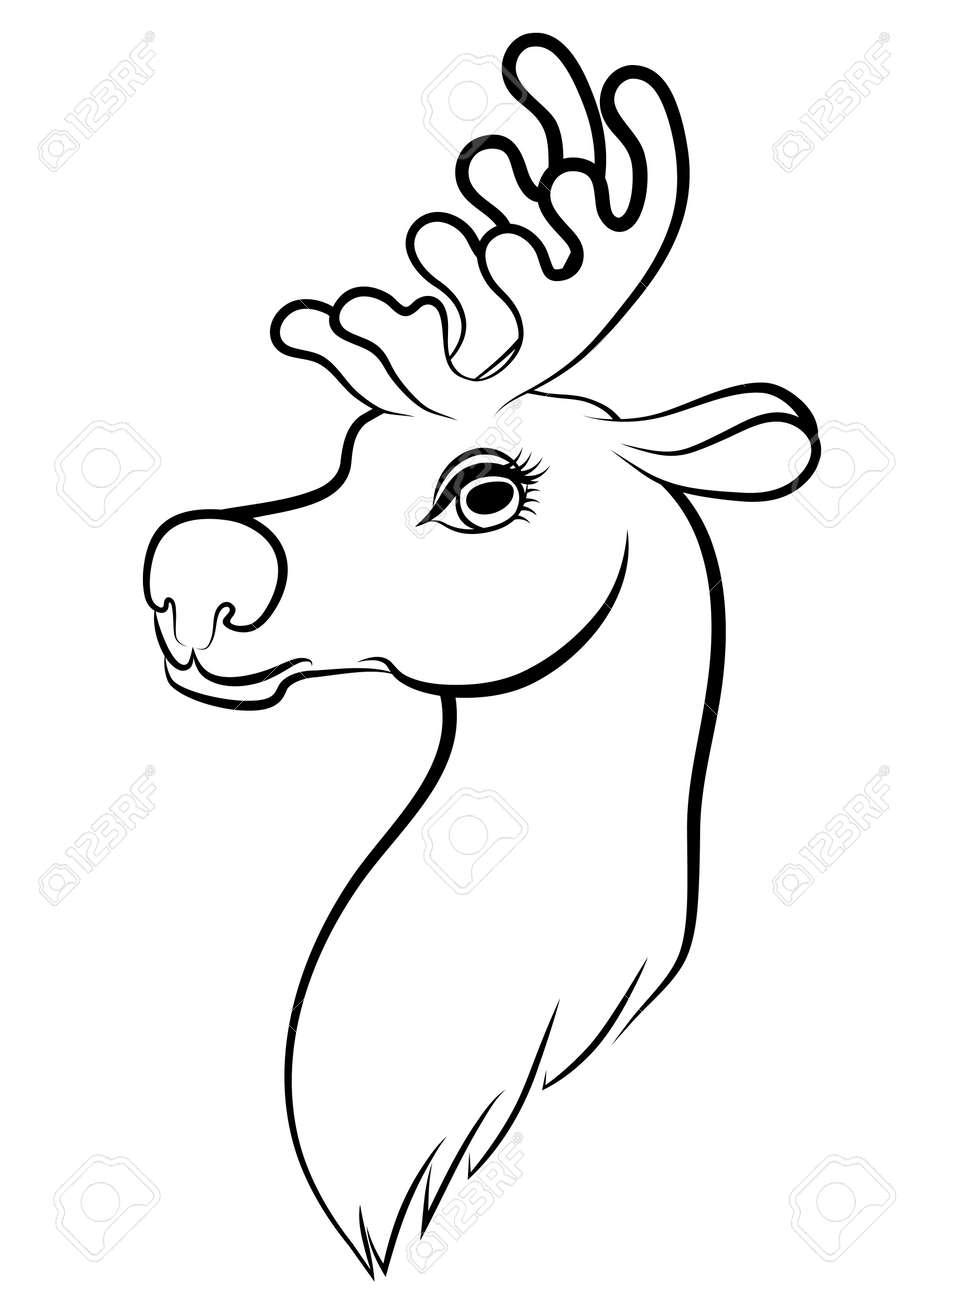 de vectores de dibujos animados contorno de navidad renos de boca foto de archivo